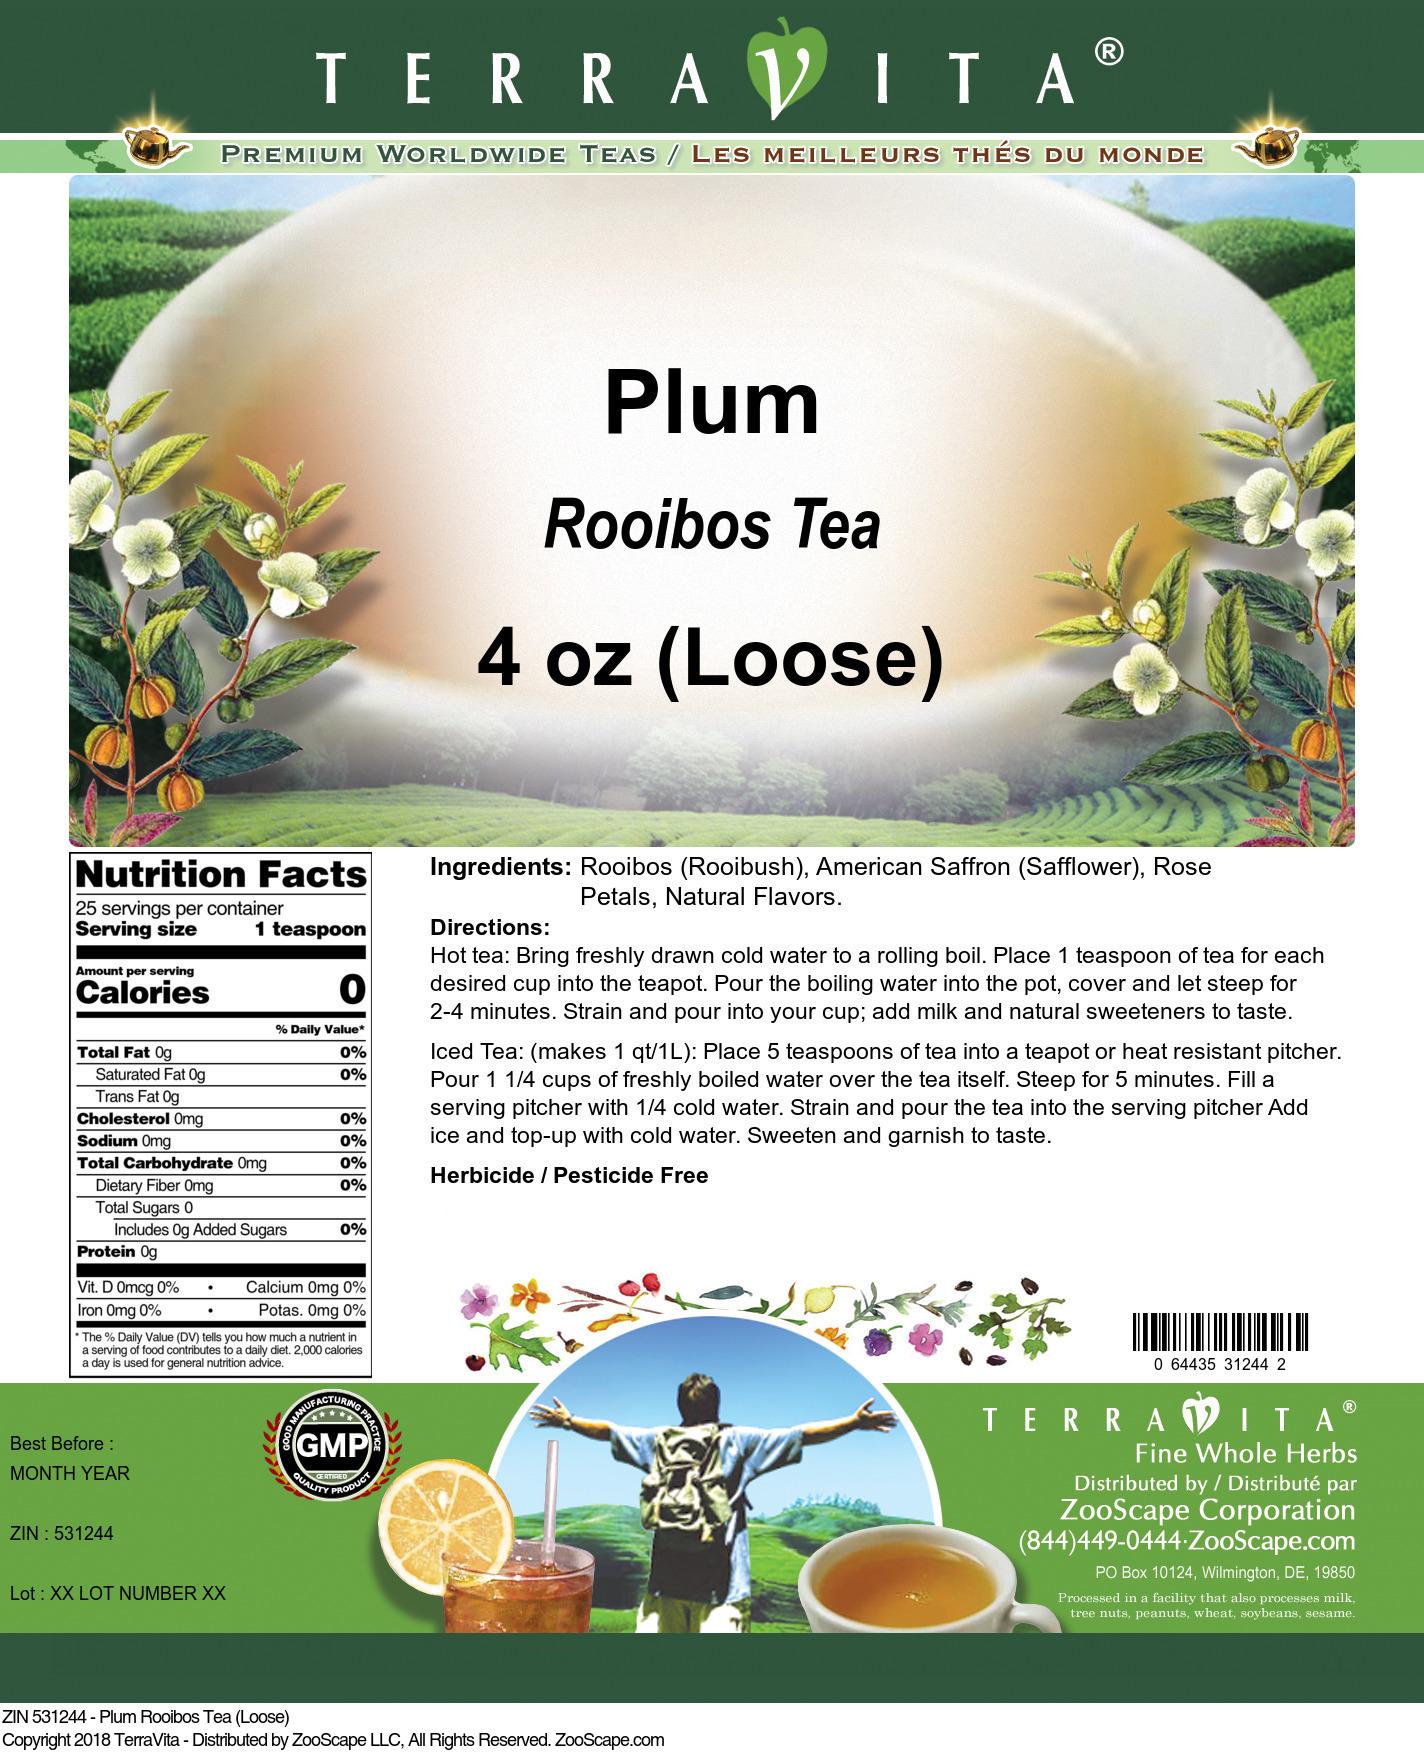 Plum Rooibos Tea